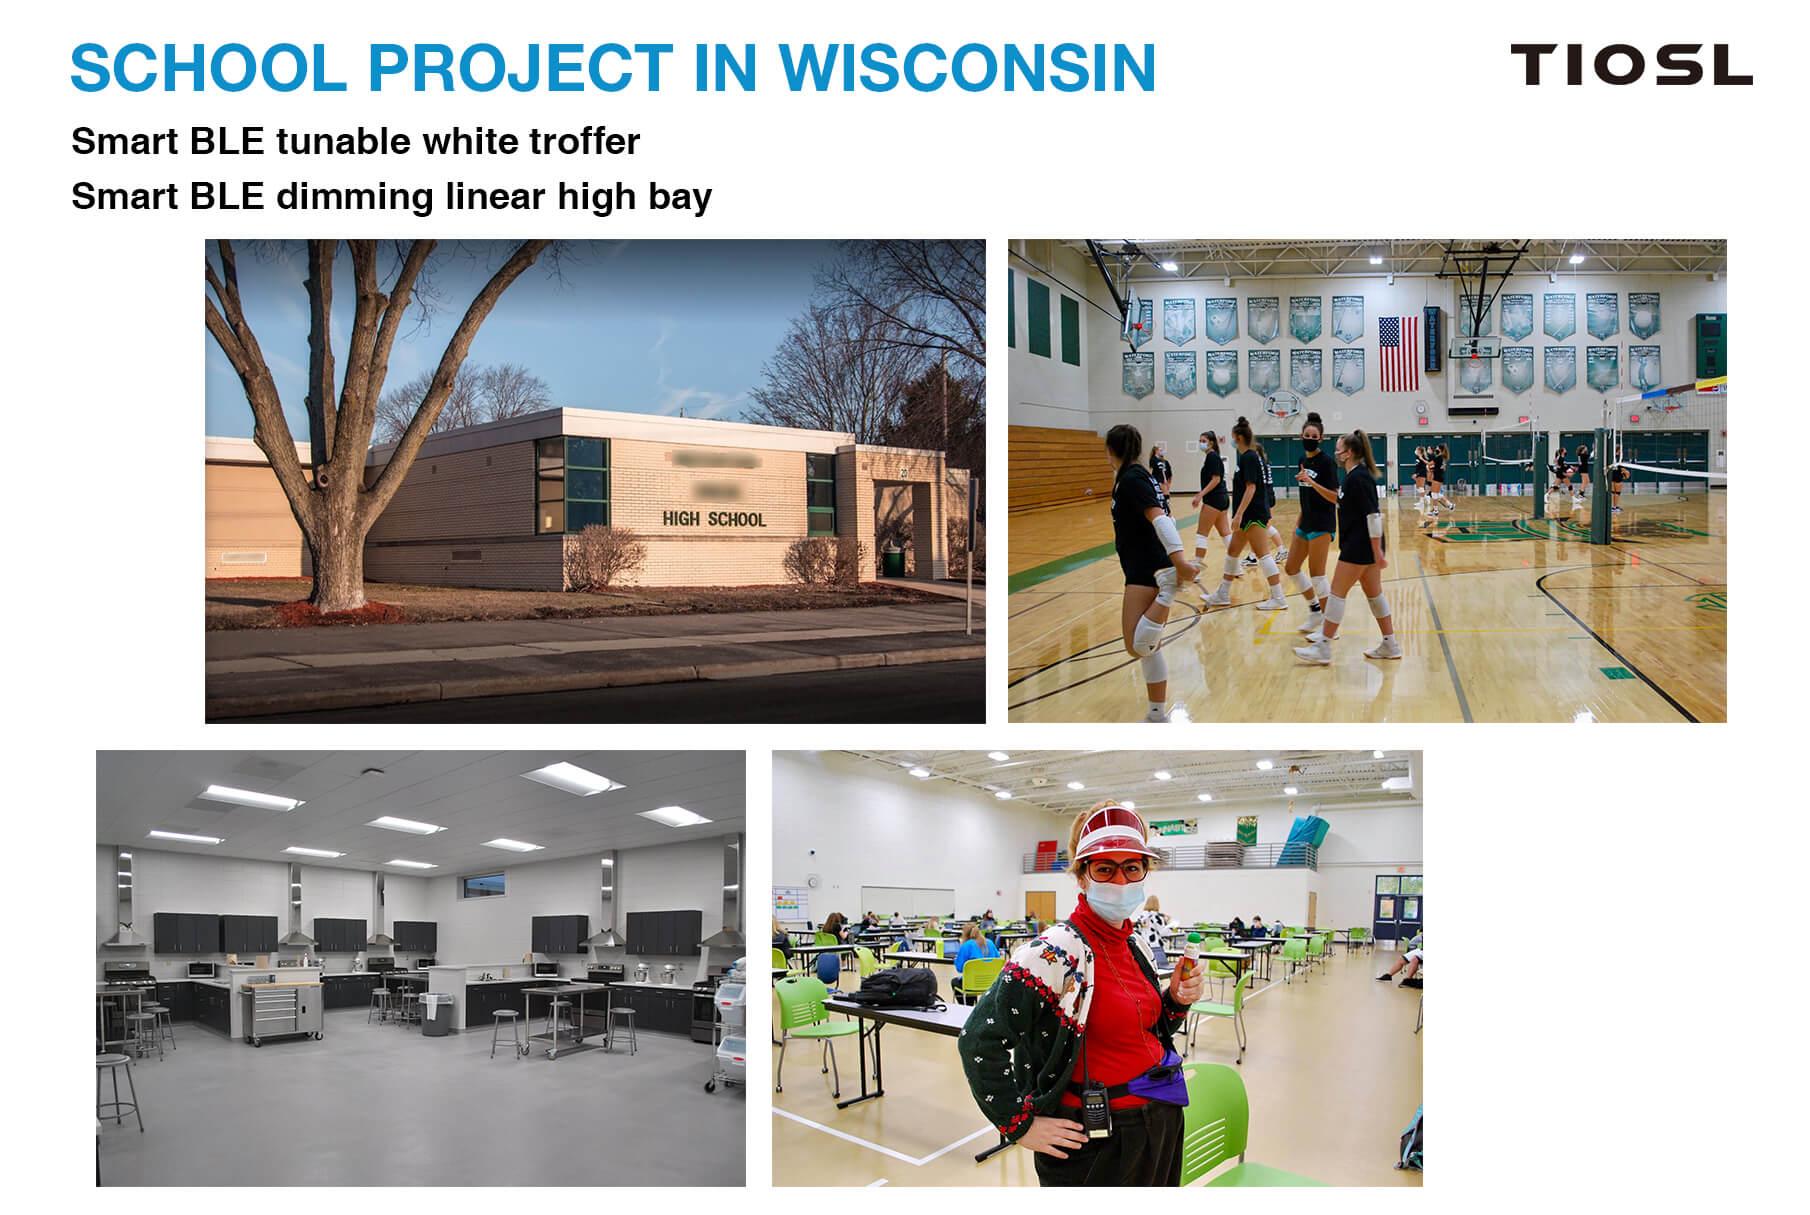 School smart lighting project in Wisconsin